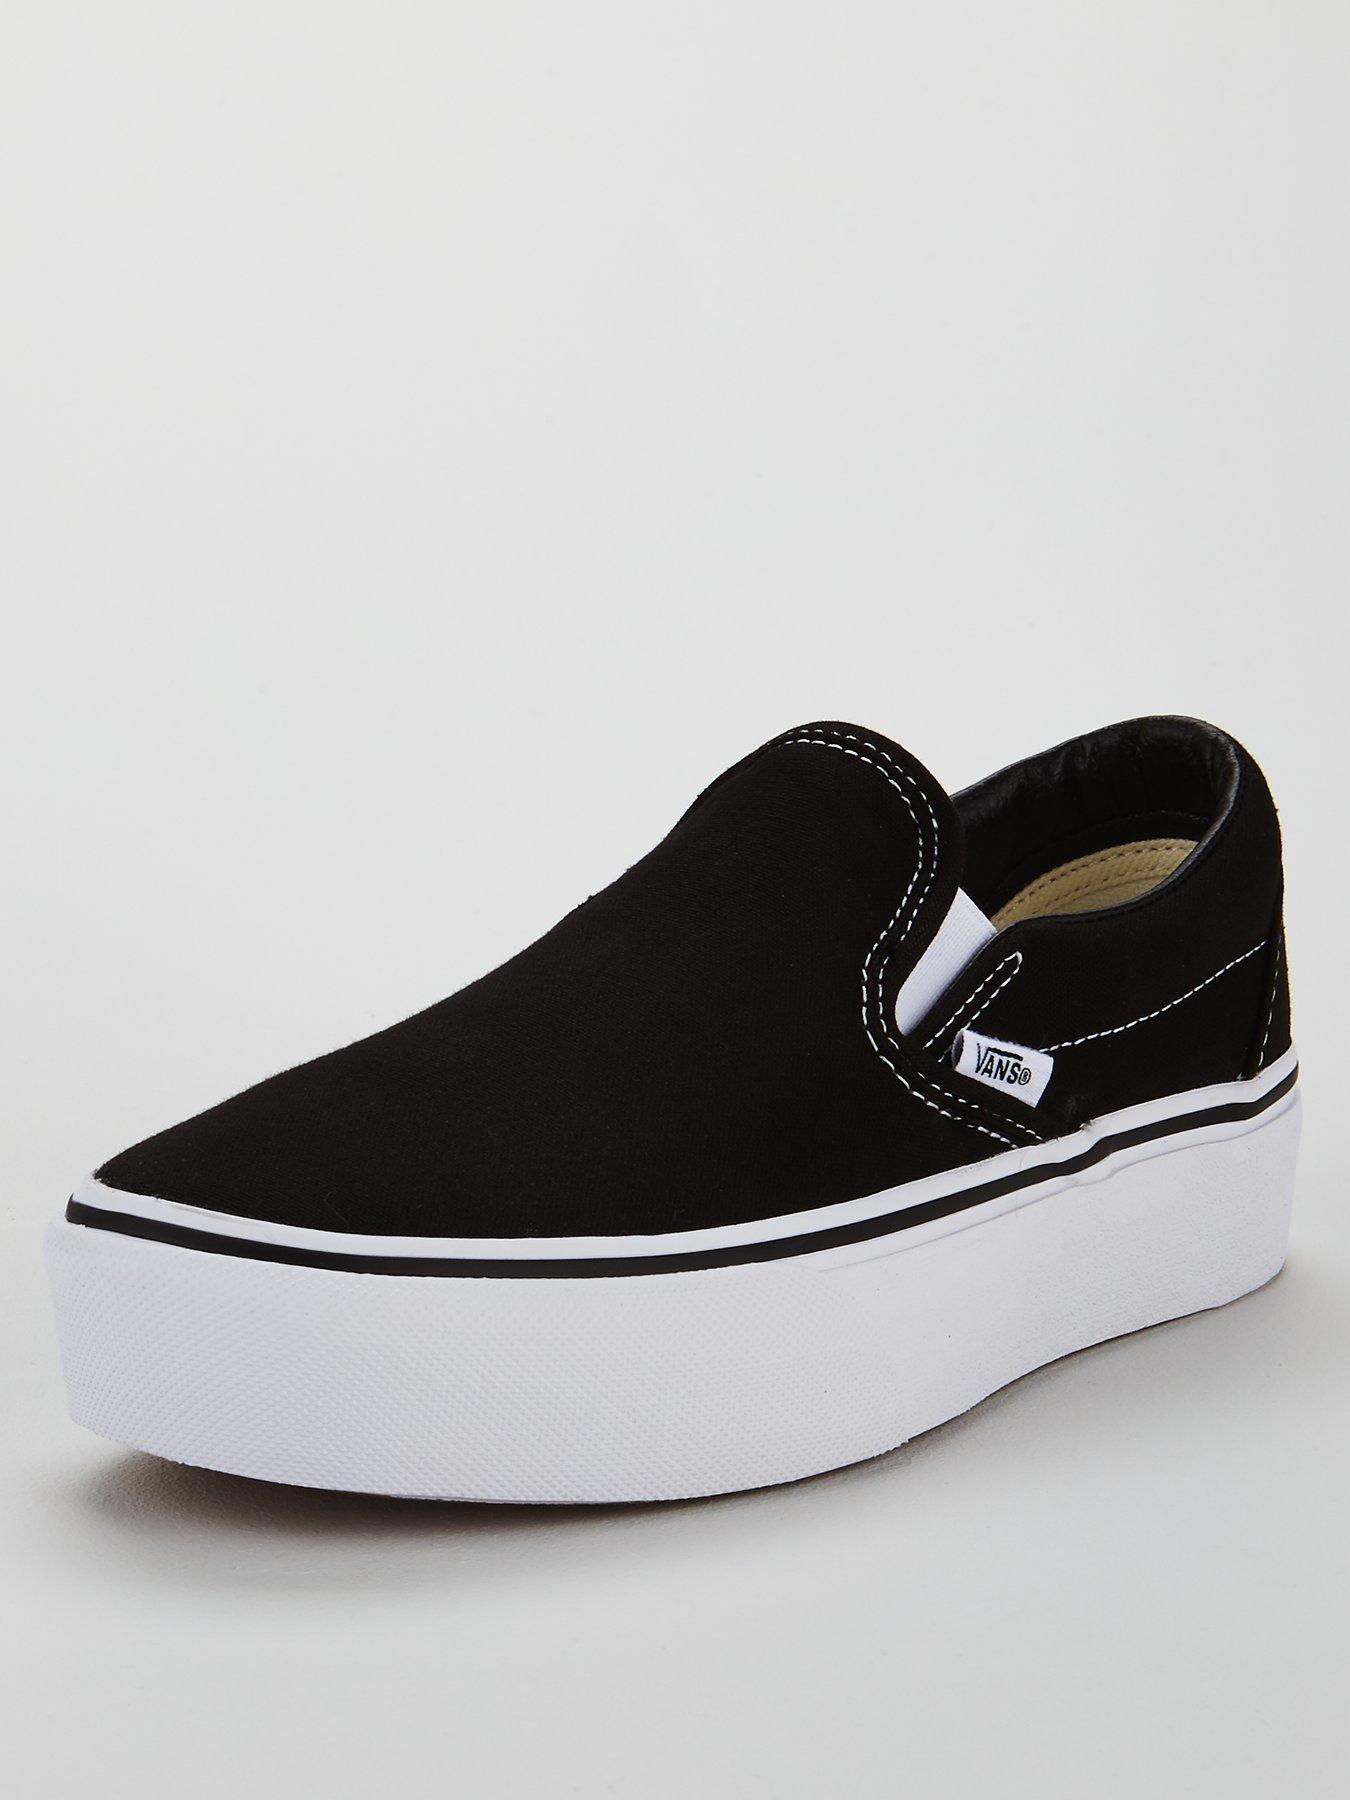 womens slip on black vans